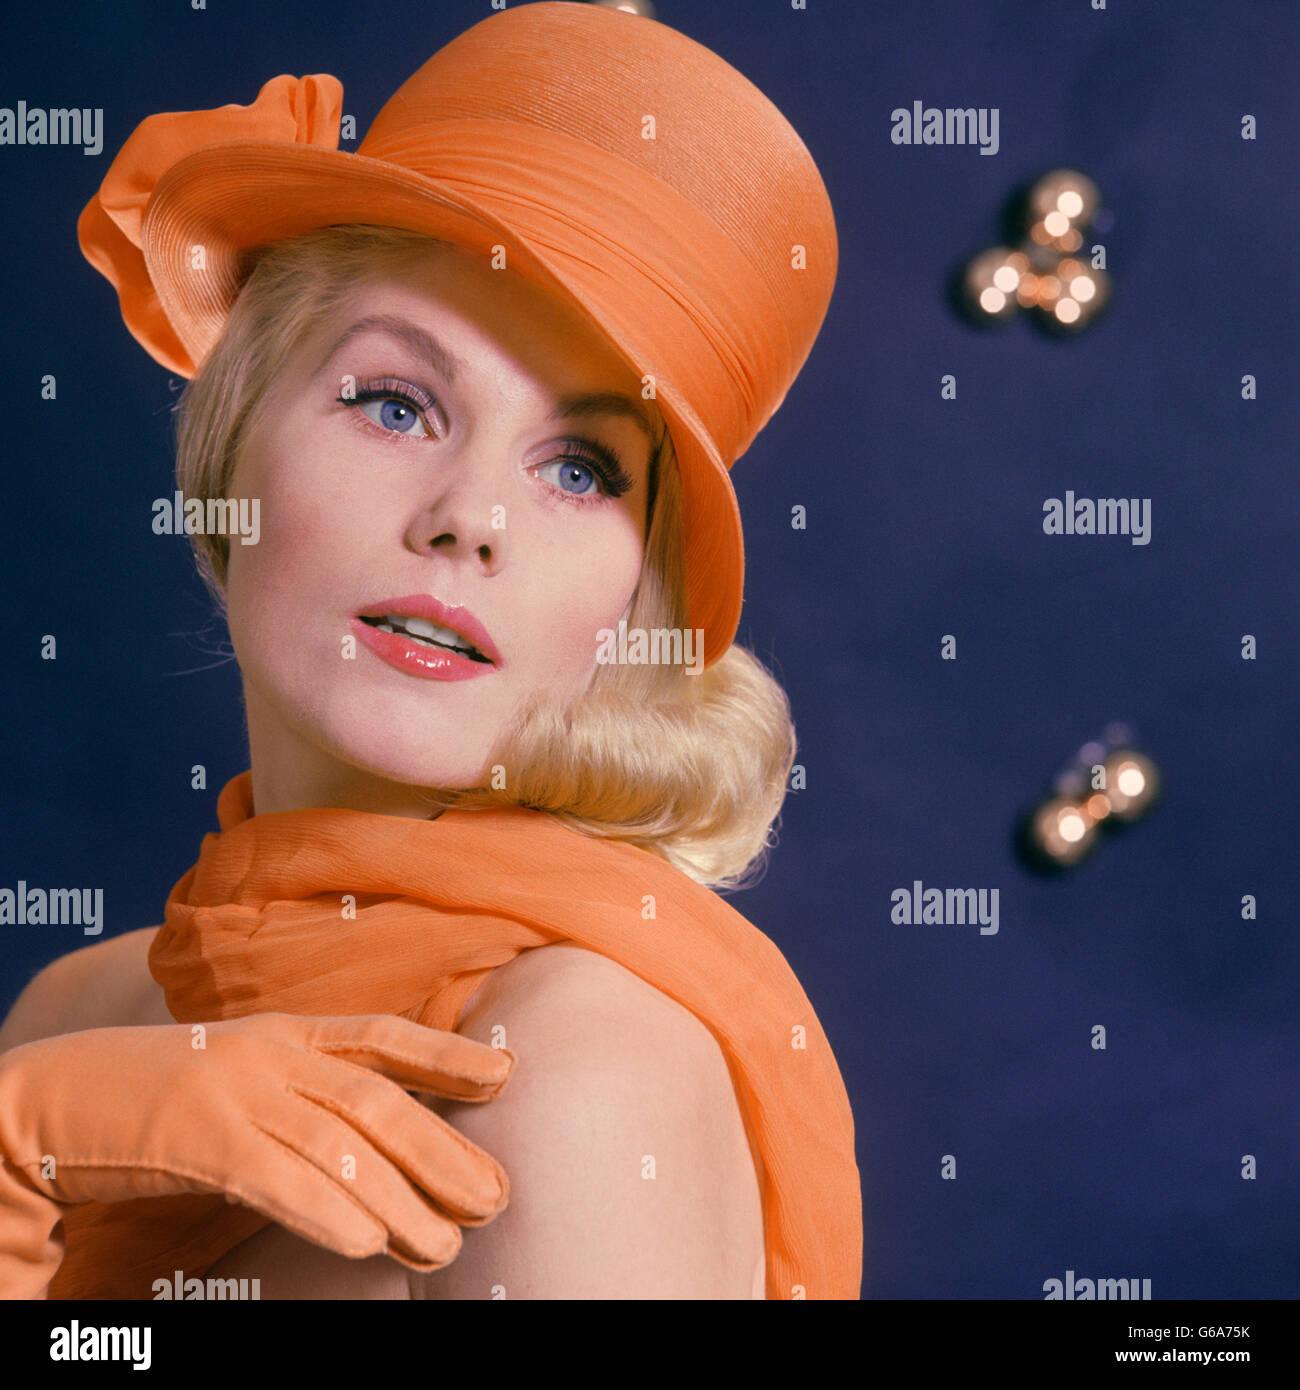 1960 moda mujer rubia de ojos azules modelo llevando un gorro de color naranja a juego con bufanda y guantes Imagen De Stock